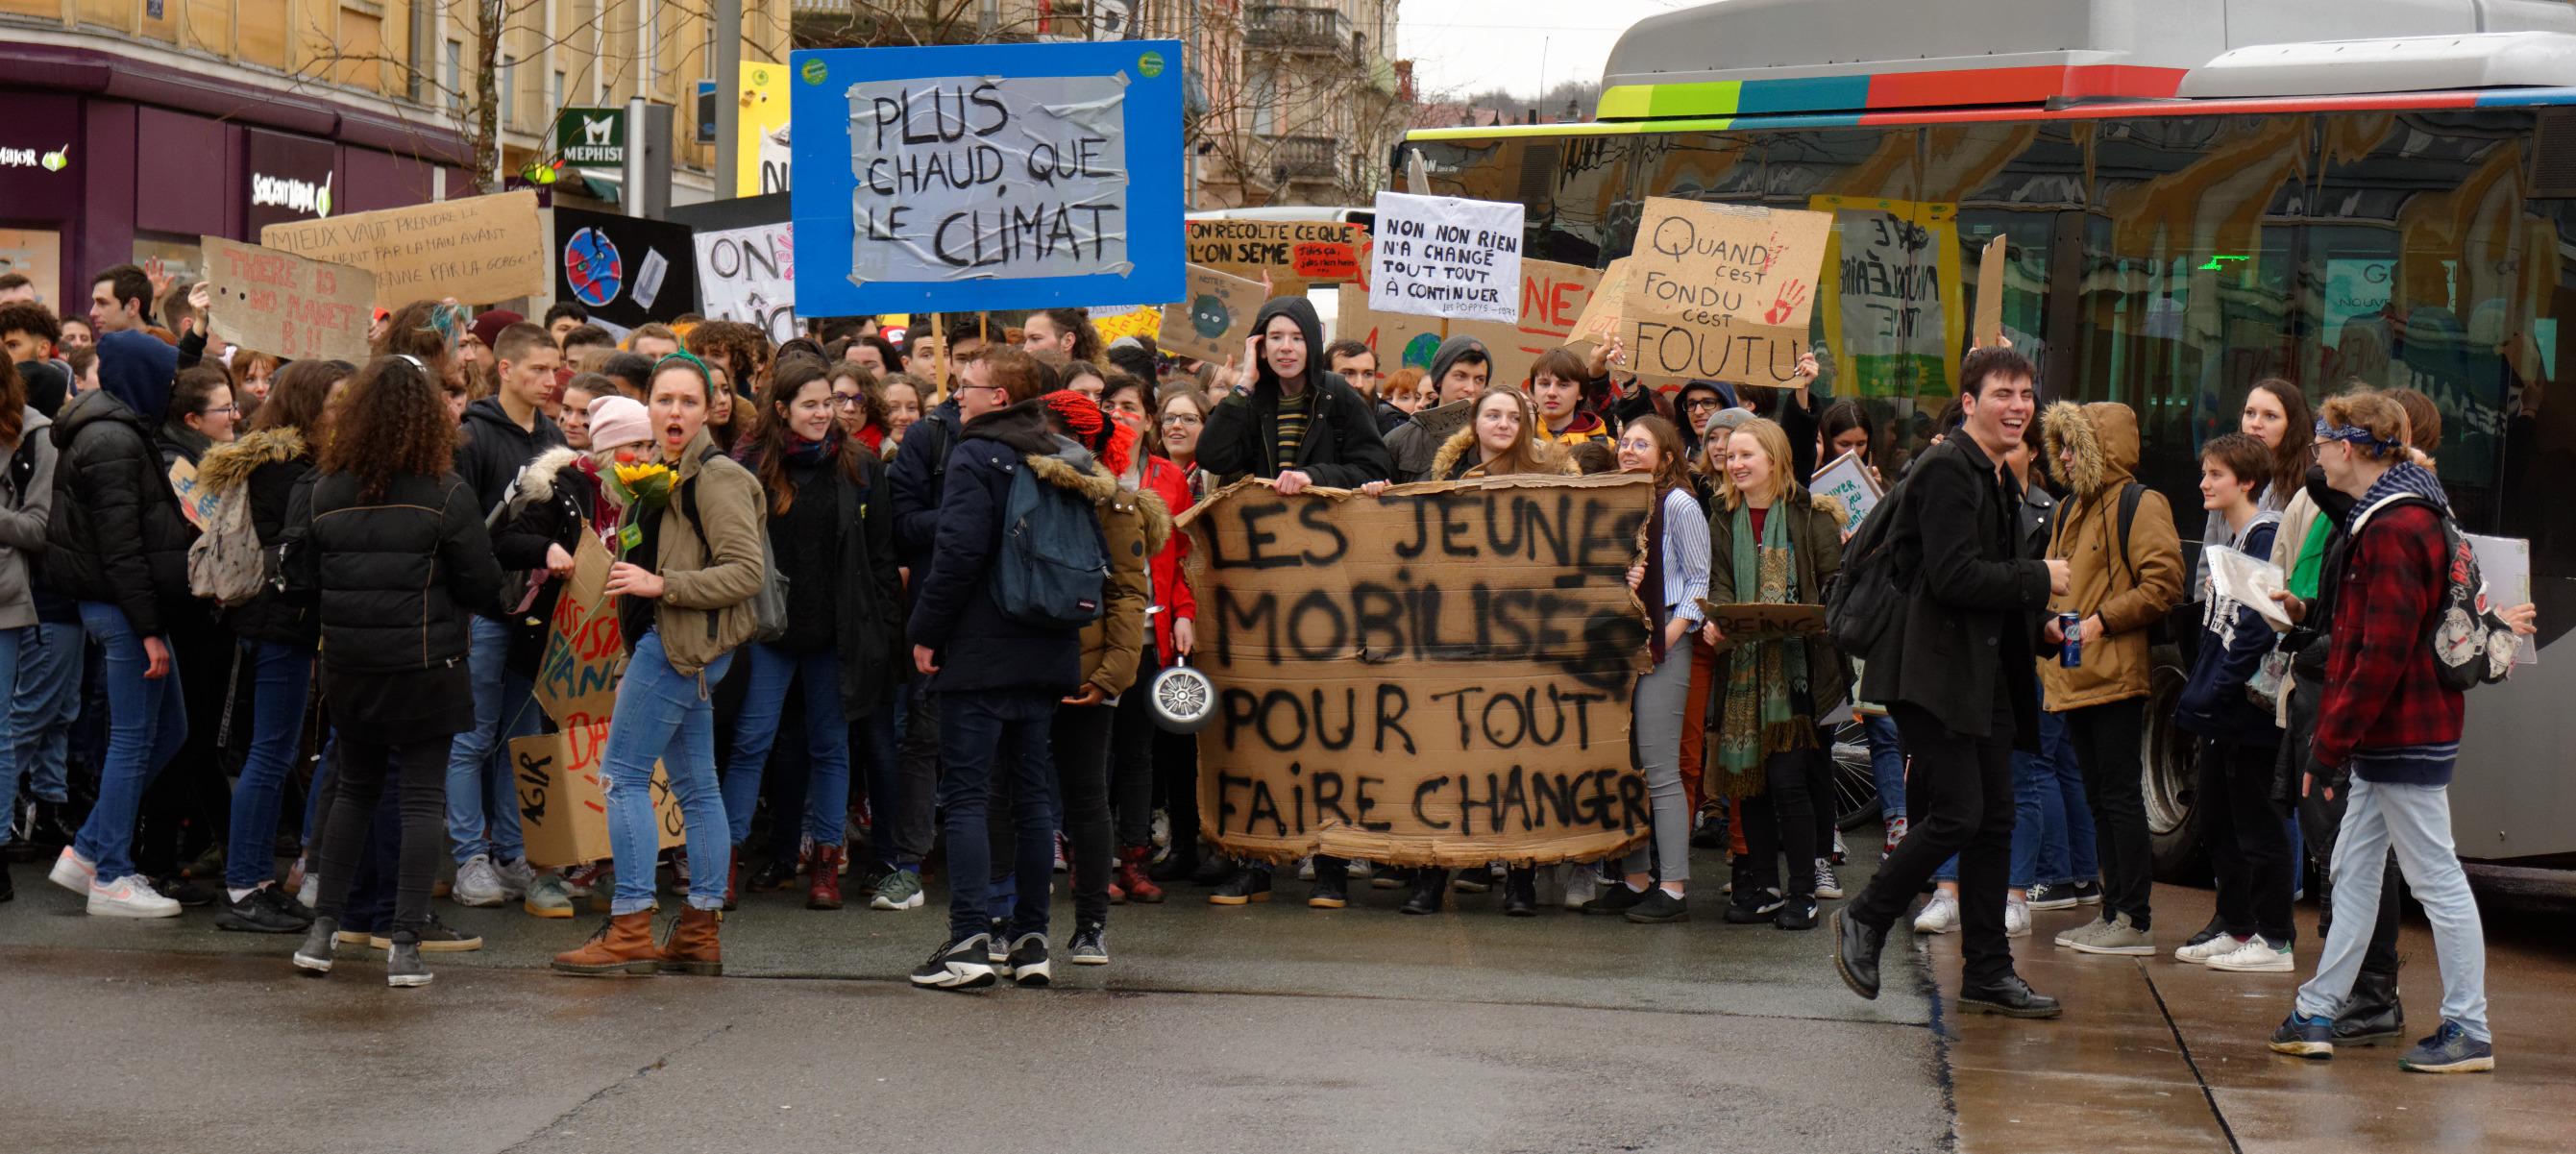 Qui marche pour le climat ? Classes sociales et orientations idéologiques – Avec le collectif Quantité critique (14 nov)